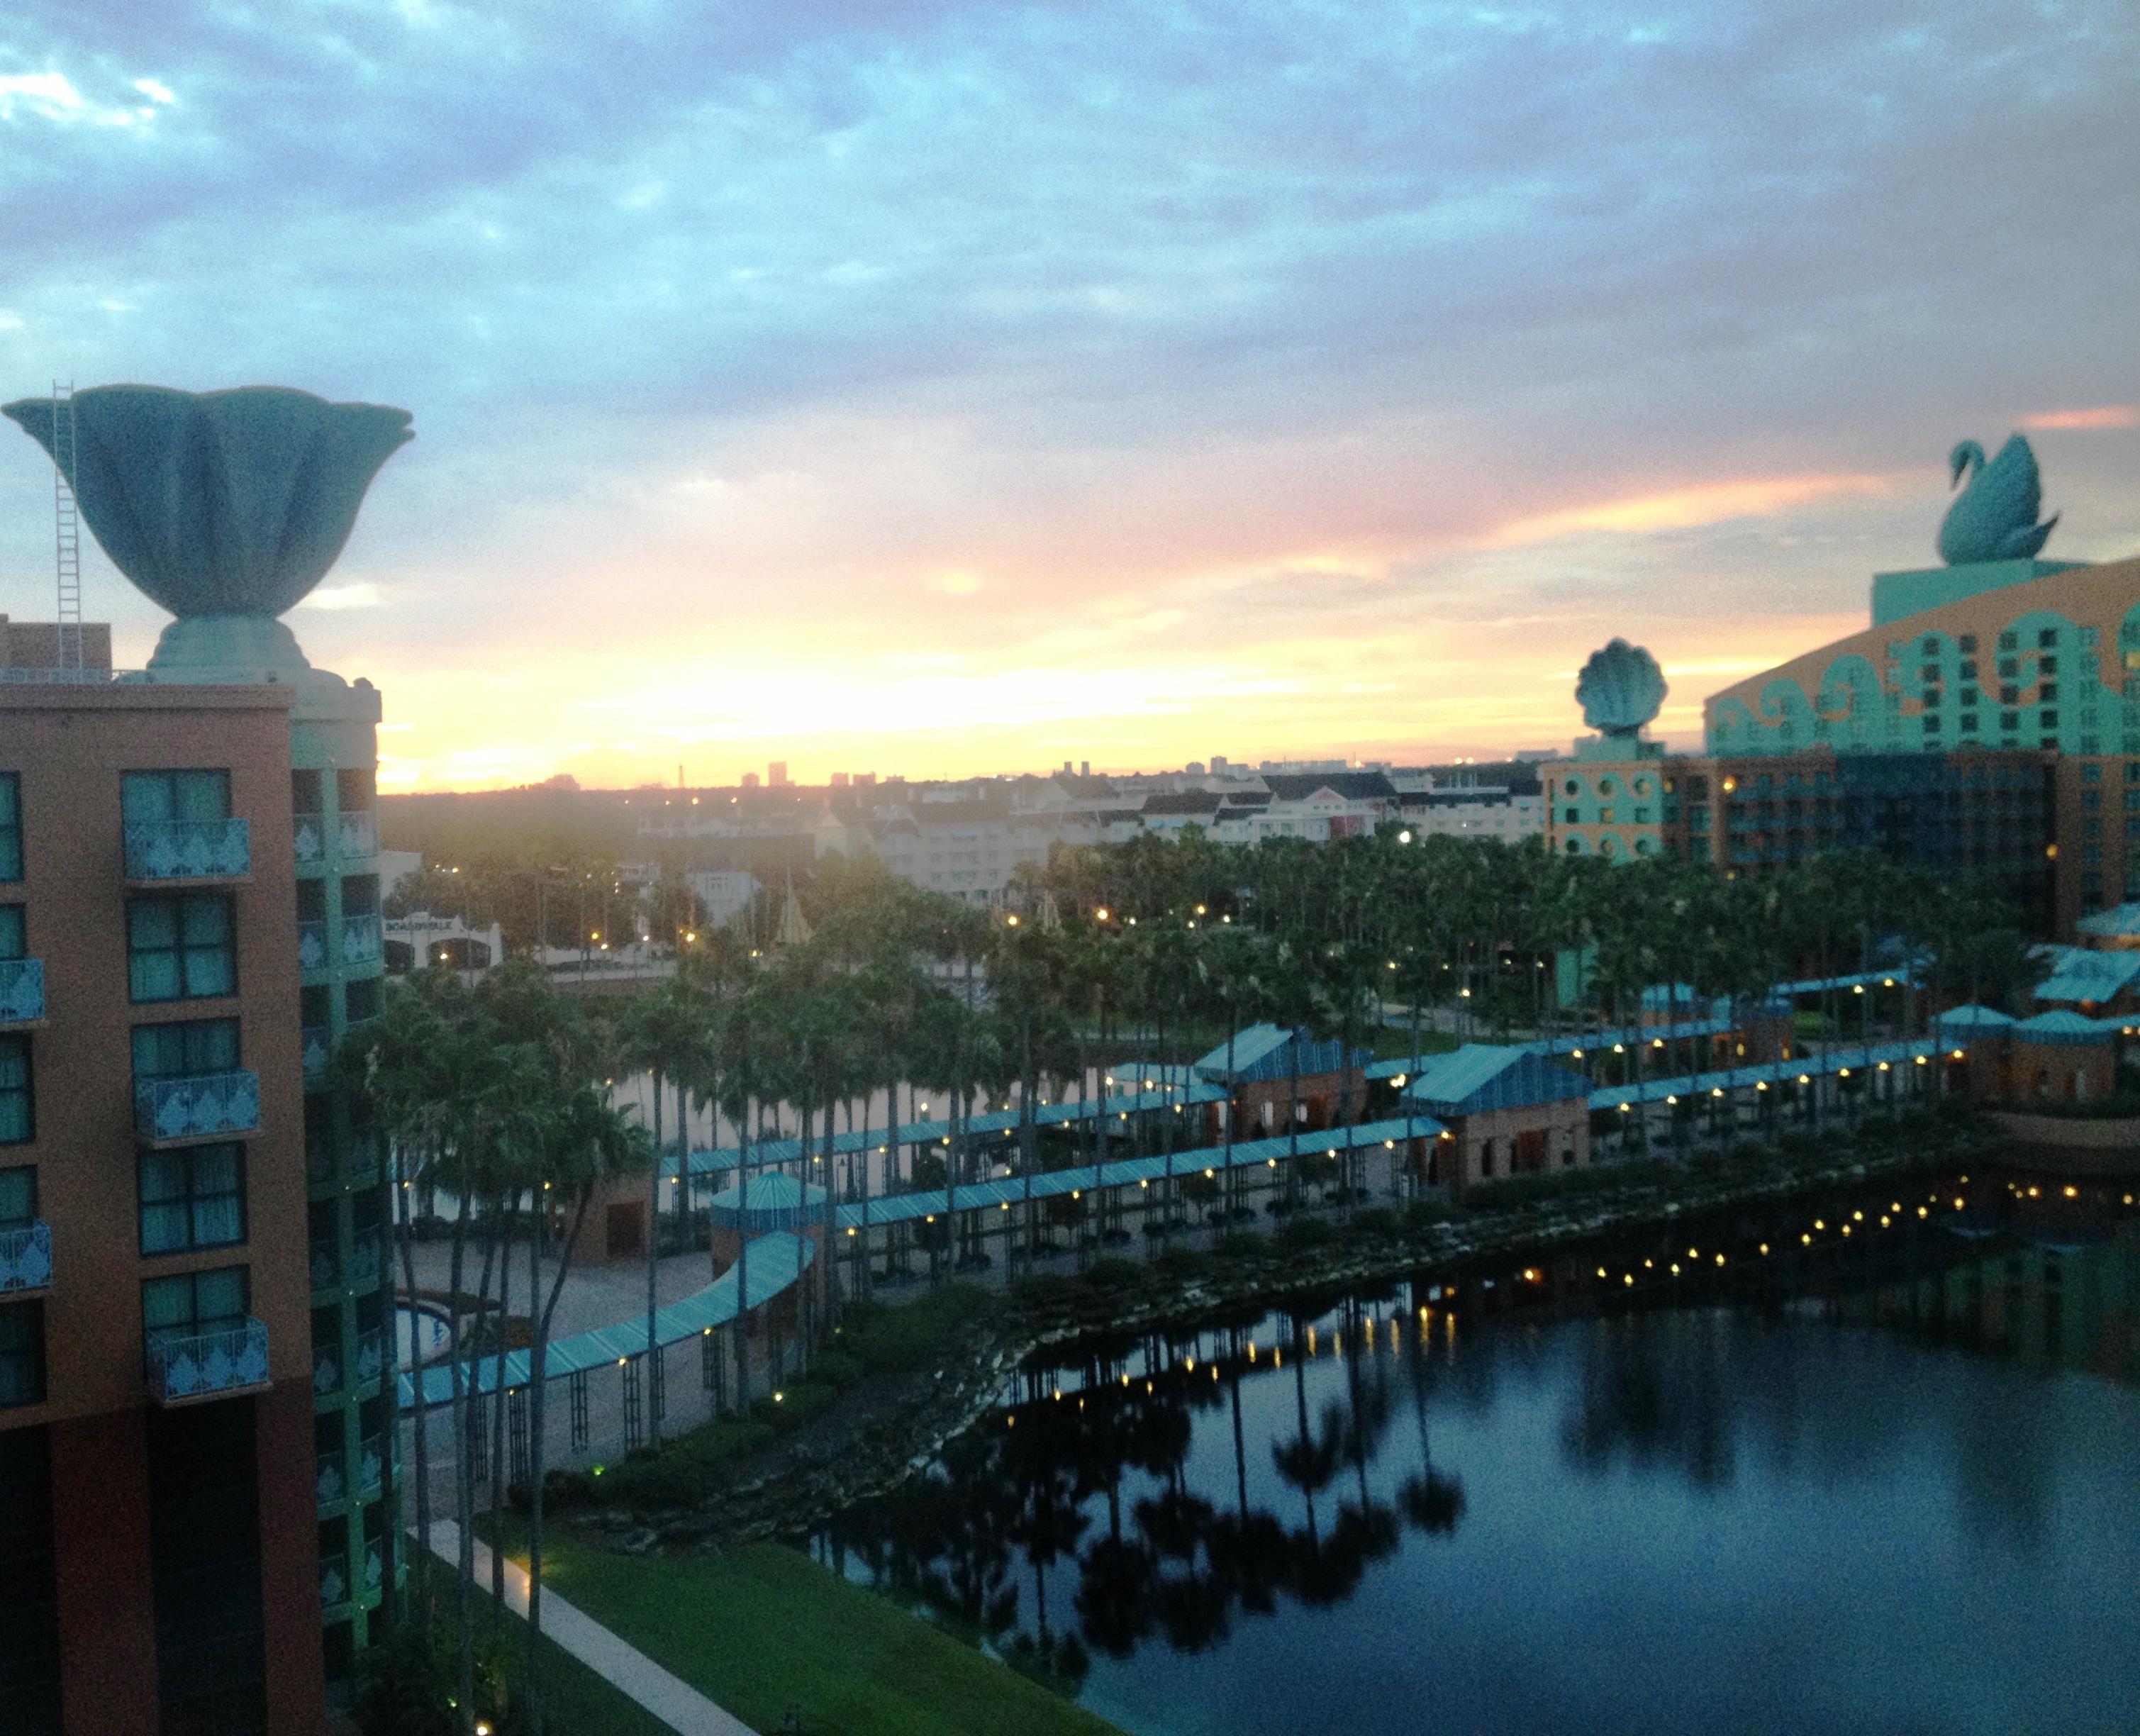 sunrise at Disney